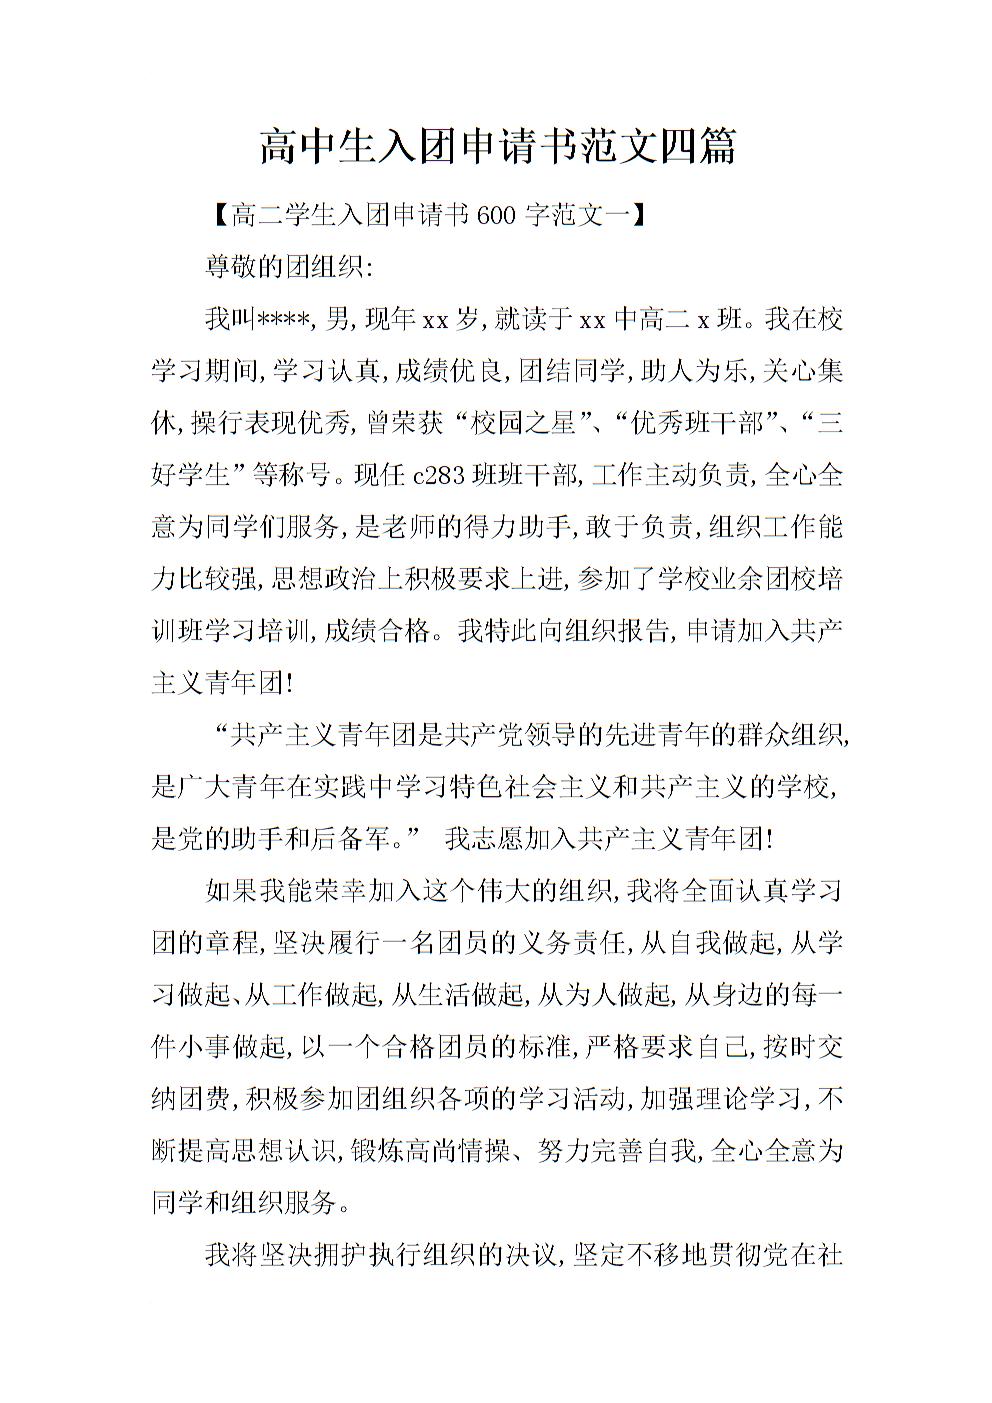 高中生入团申请书范文四篇.docx图片